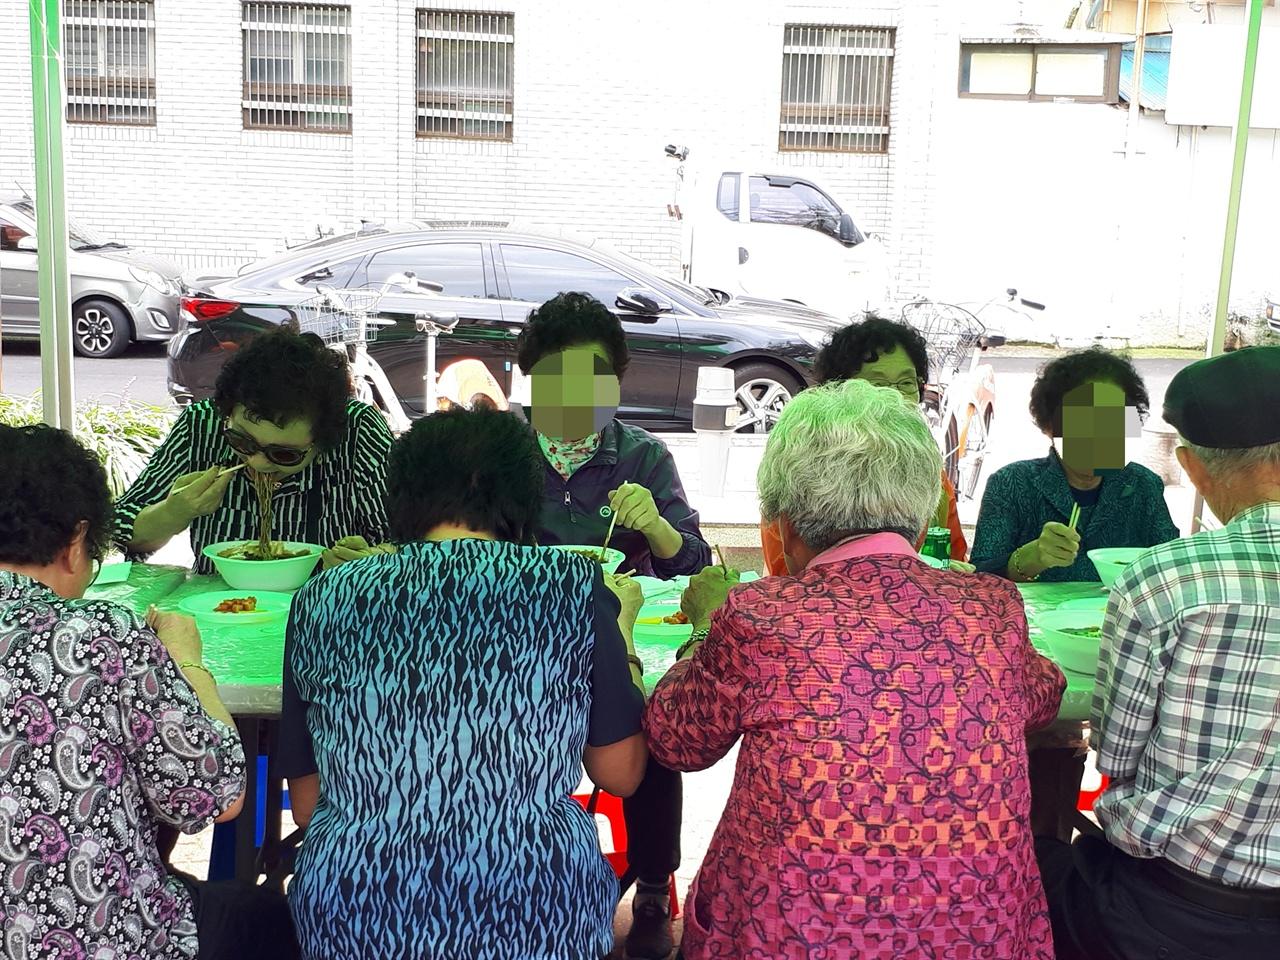 점심을 먹는 방문자들 9월 11일 순천의료원공원에서 열린 사랑의 밥차 메뉴는 짜장면이었다. 어르신들이 짜장면을 맛있게 먹고 있다.